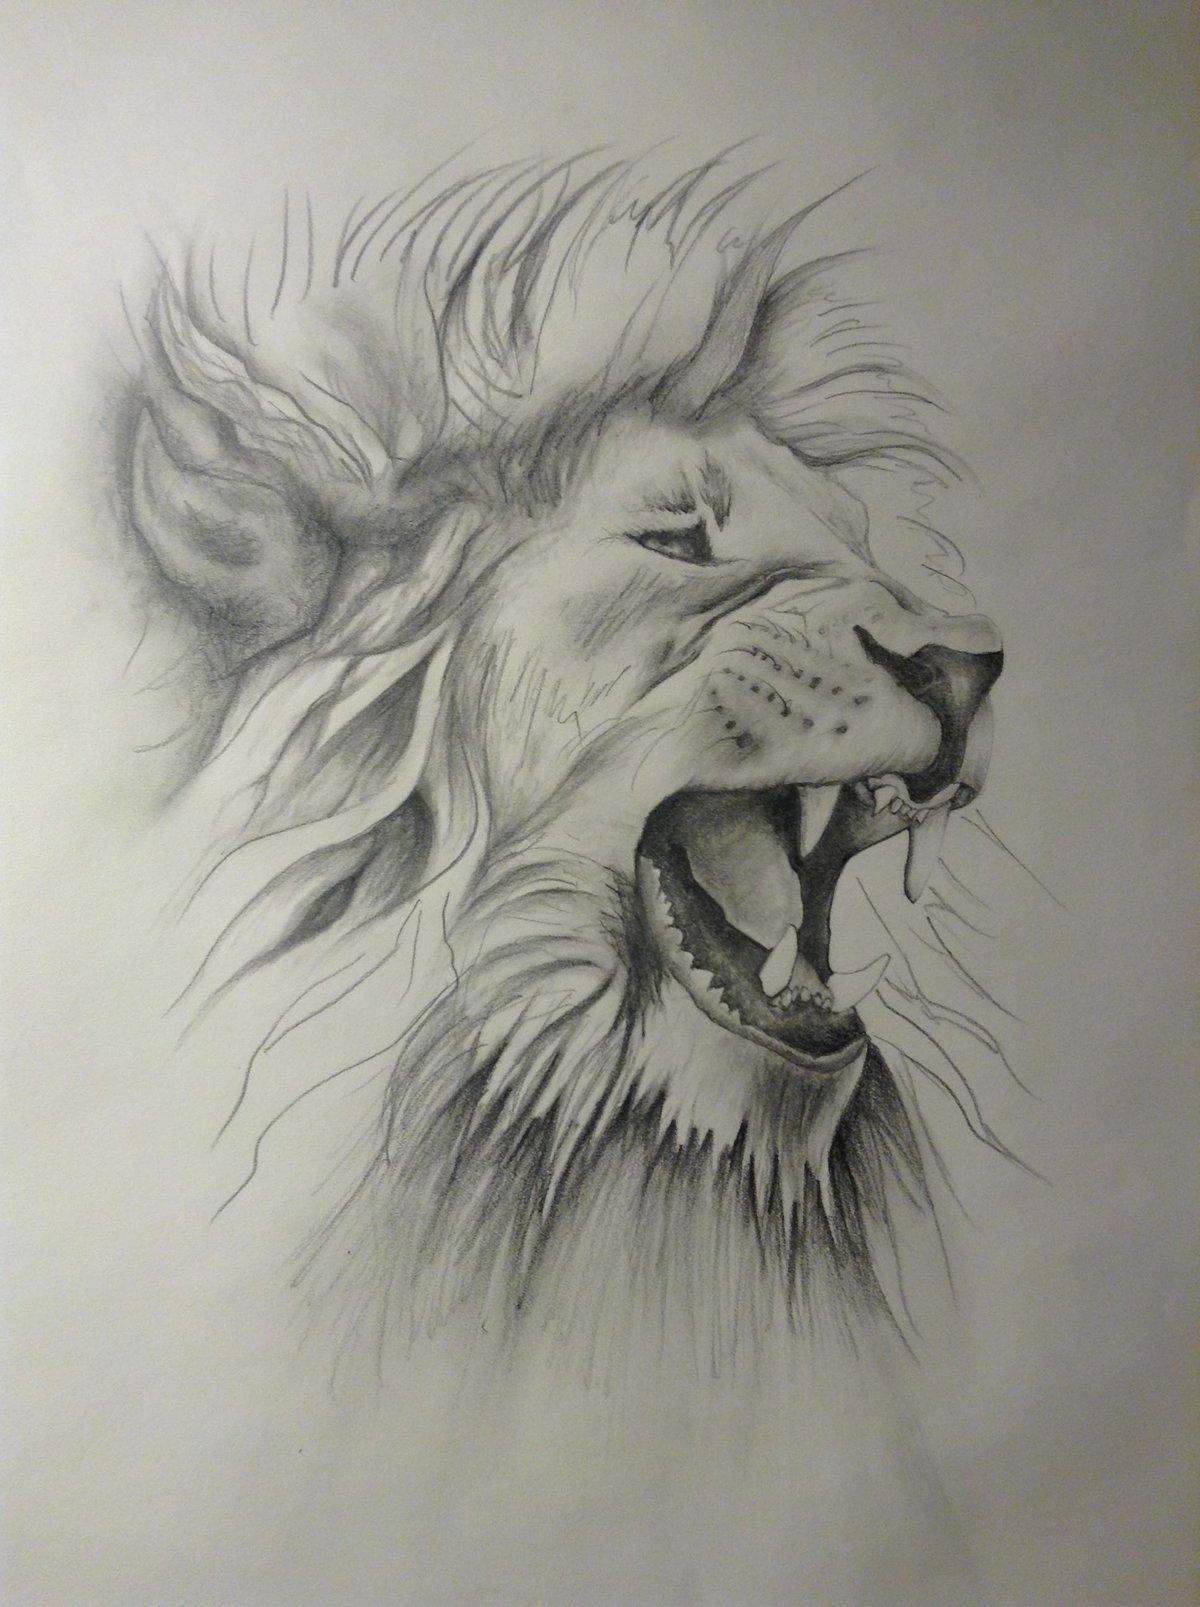 Картинка прикольная льва карандашом